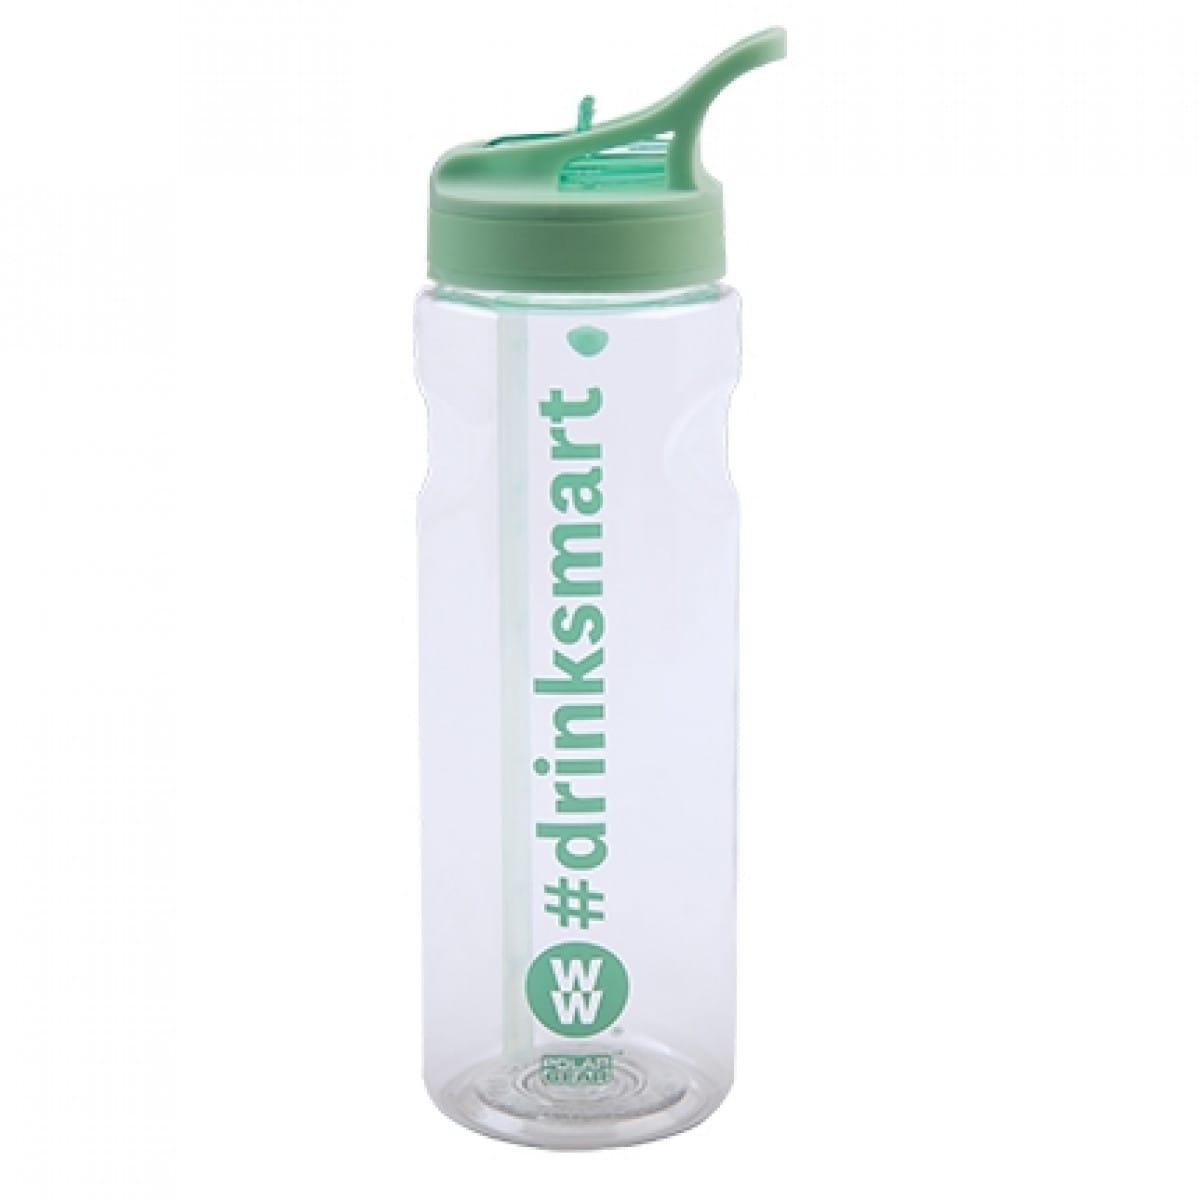 WW Trinkflasche aus Plastik türkis und weiß